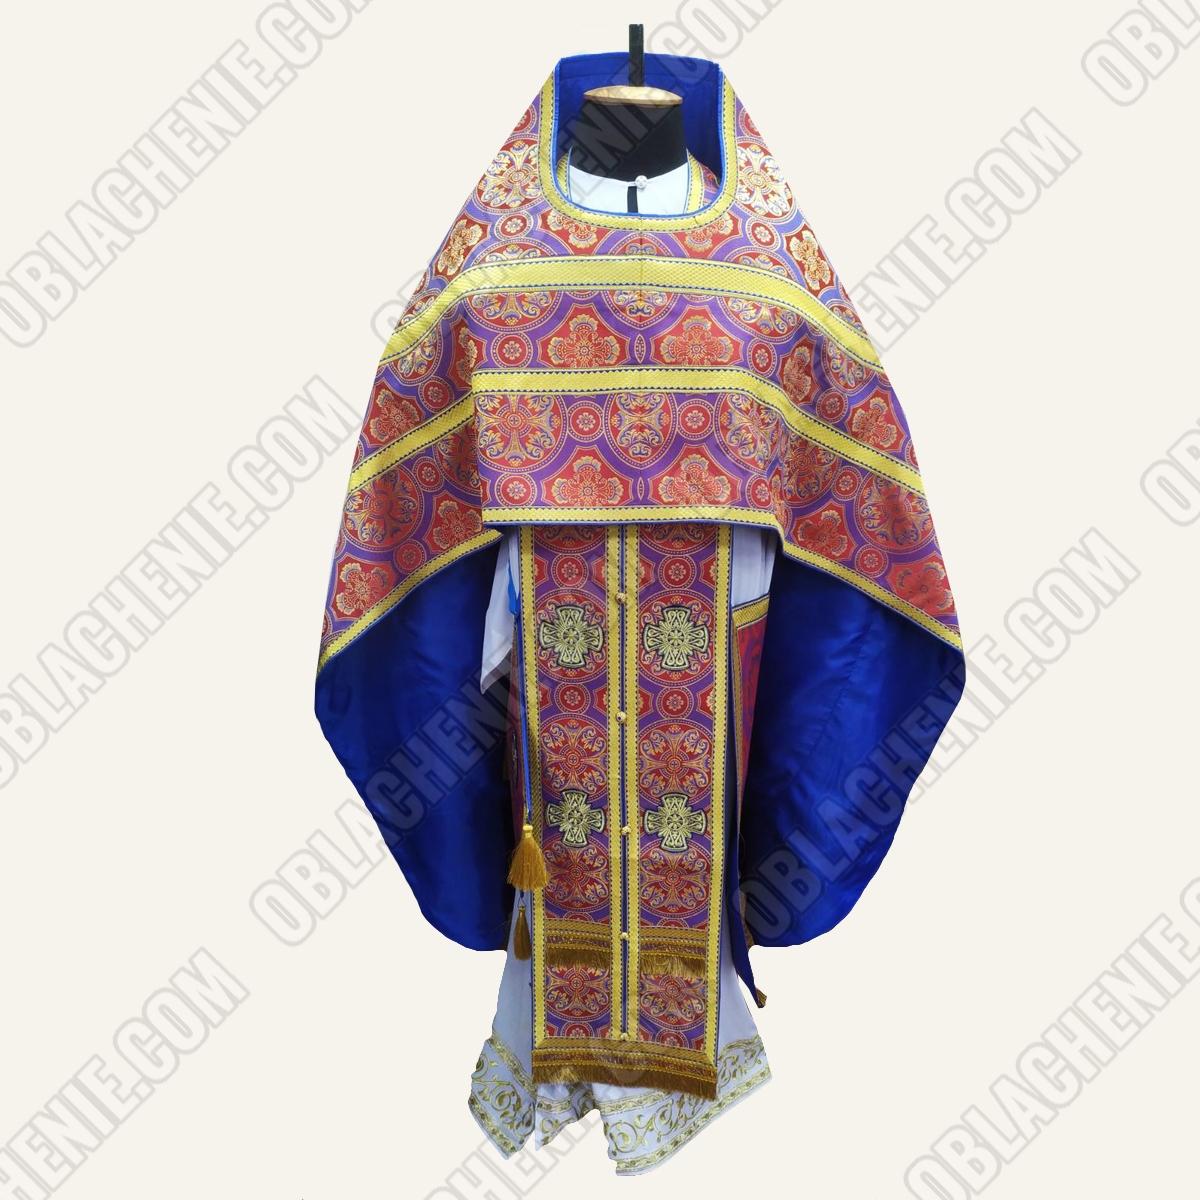 PRIEST'S VESTMENTS 11189